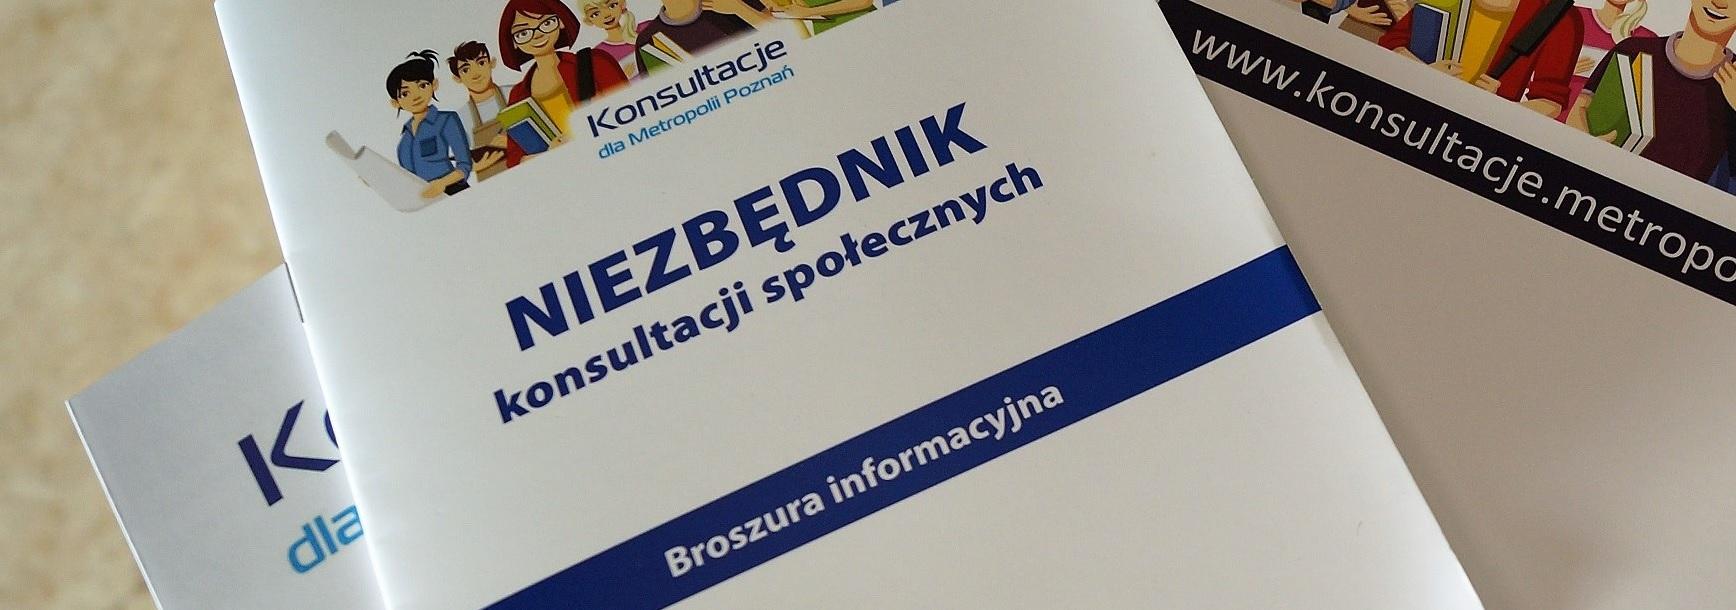 Fotografia broszury Niezbędnik konsultacji społecznych